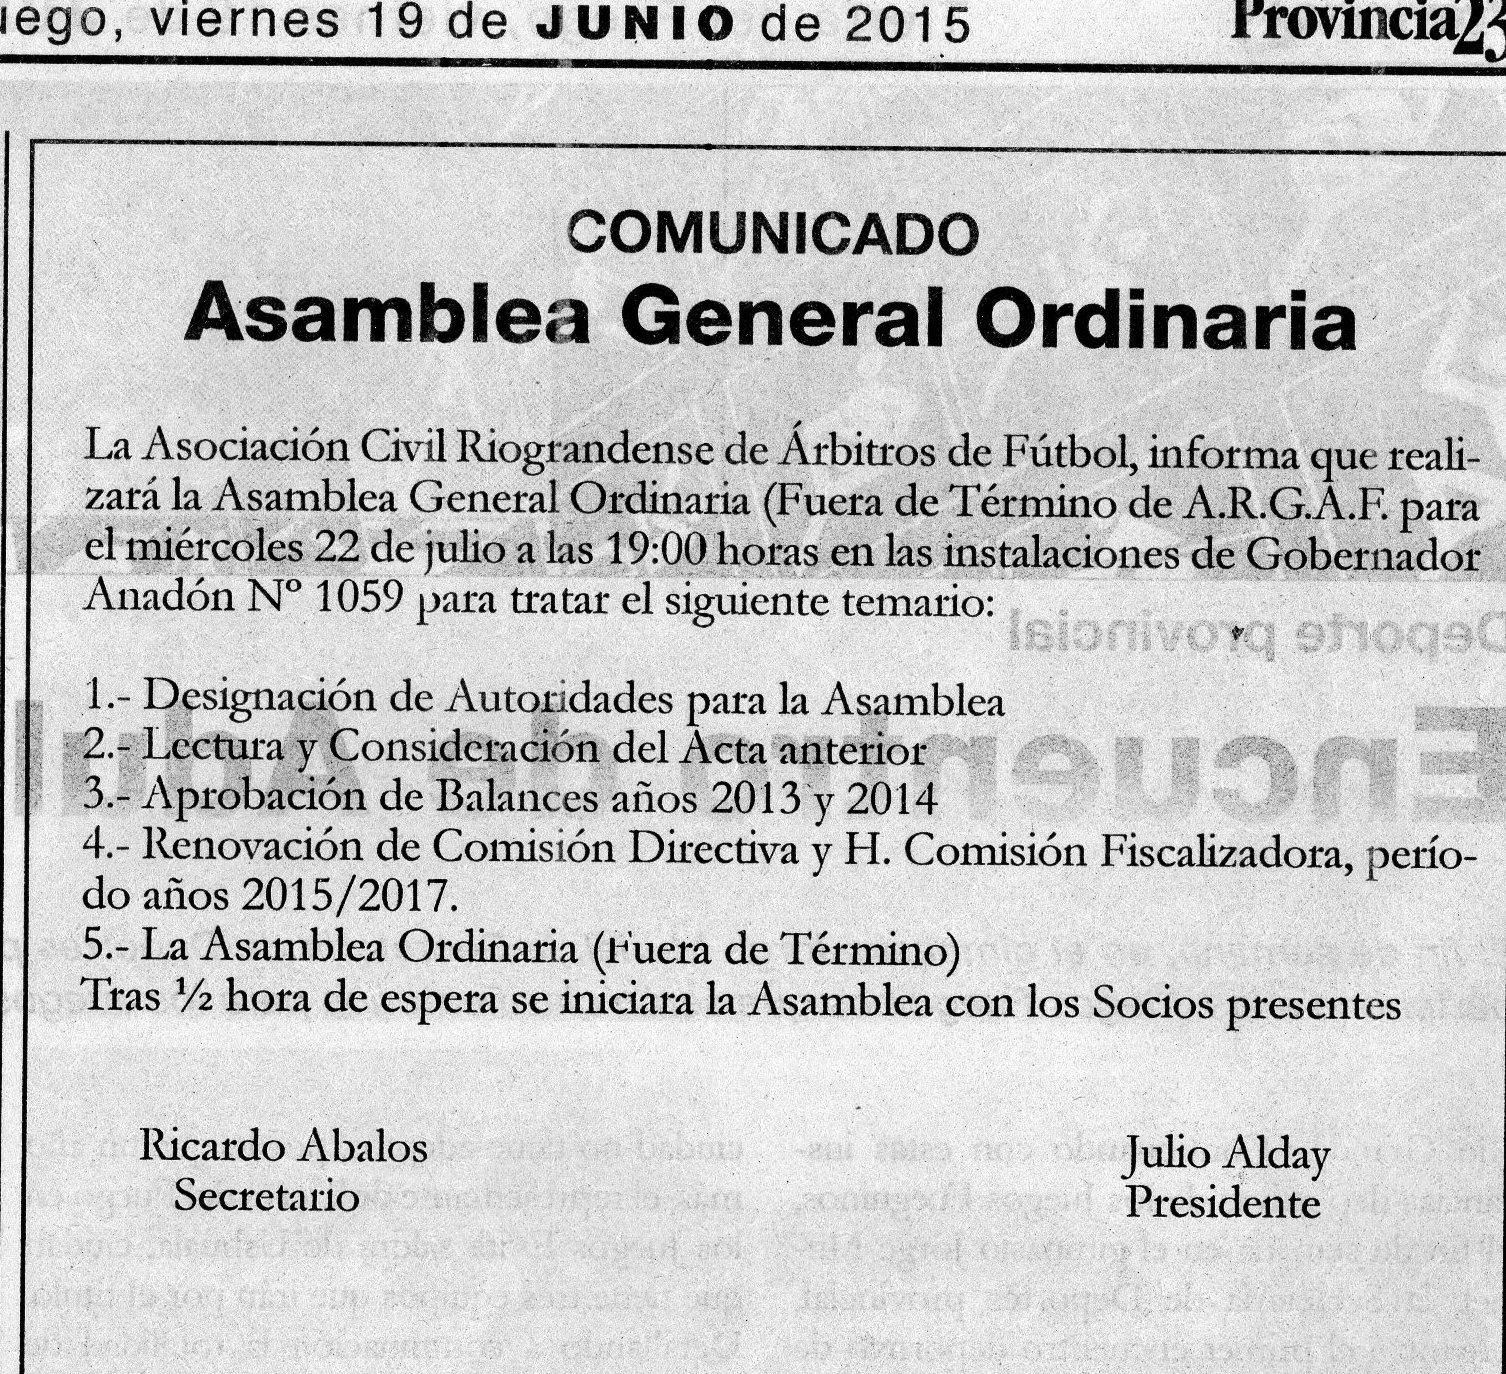 ASAMBLEA GENERAL ORDINARIA DE ARGAF